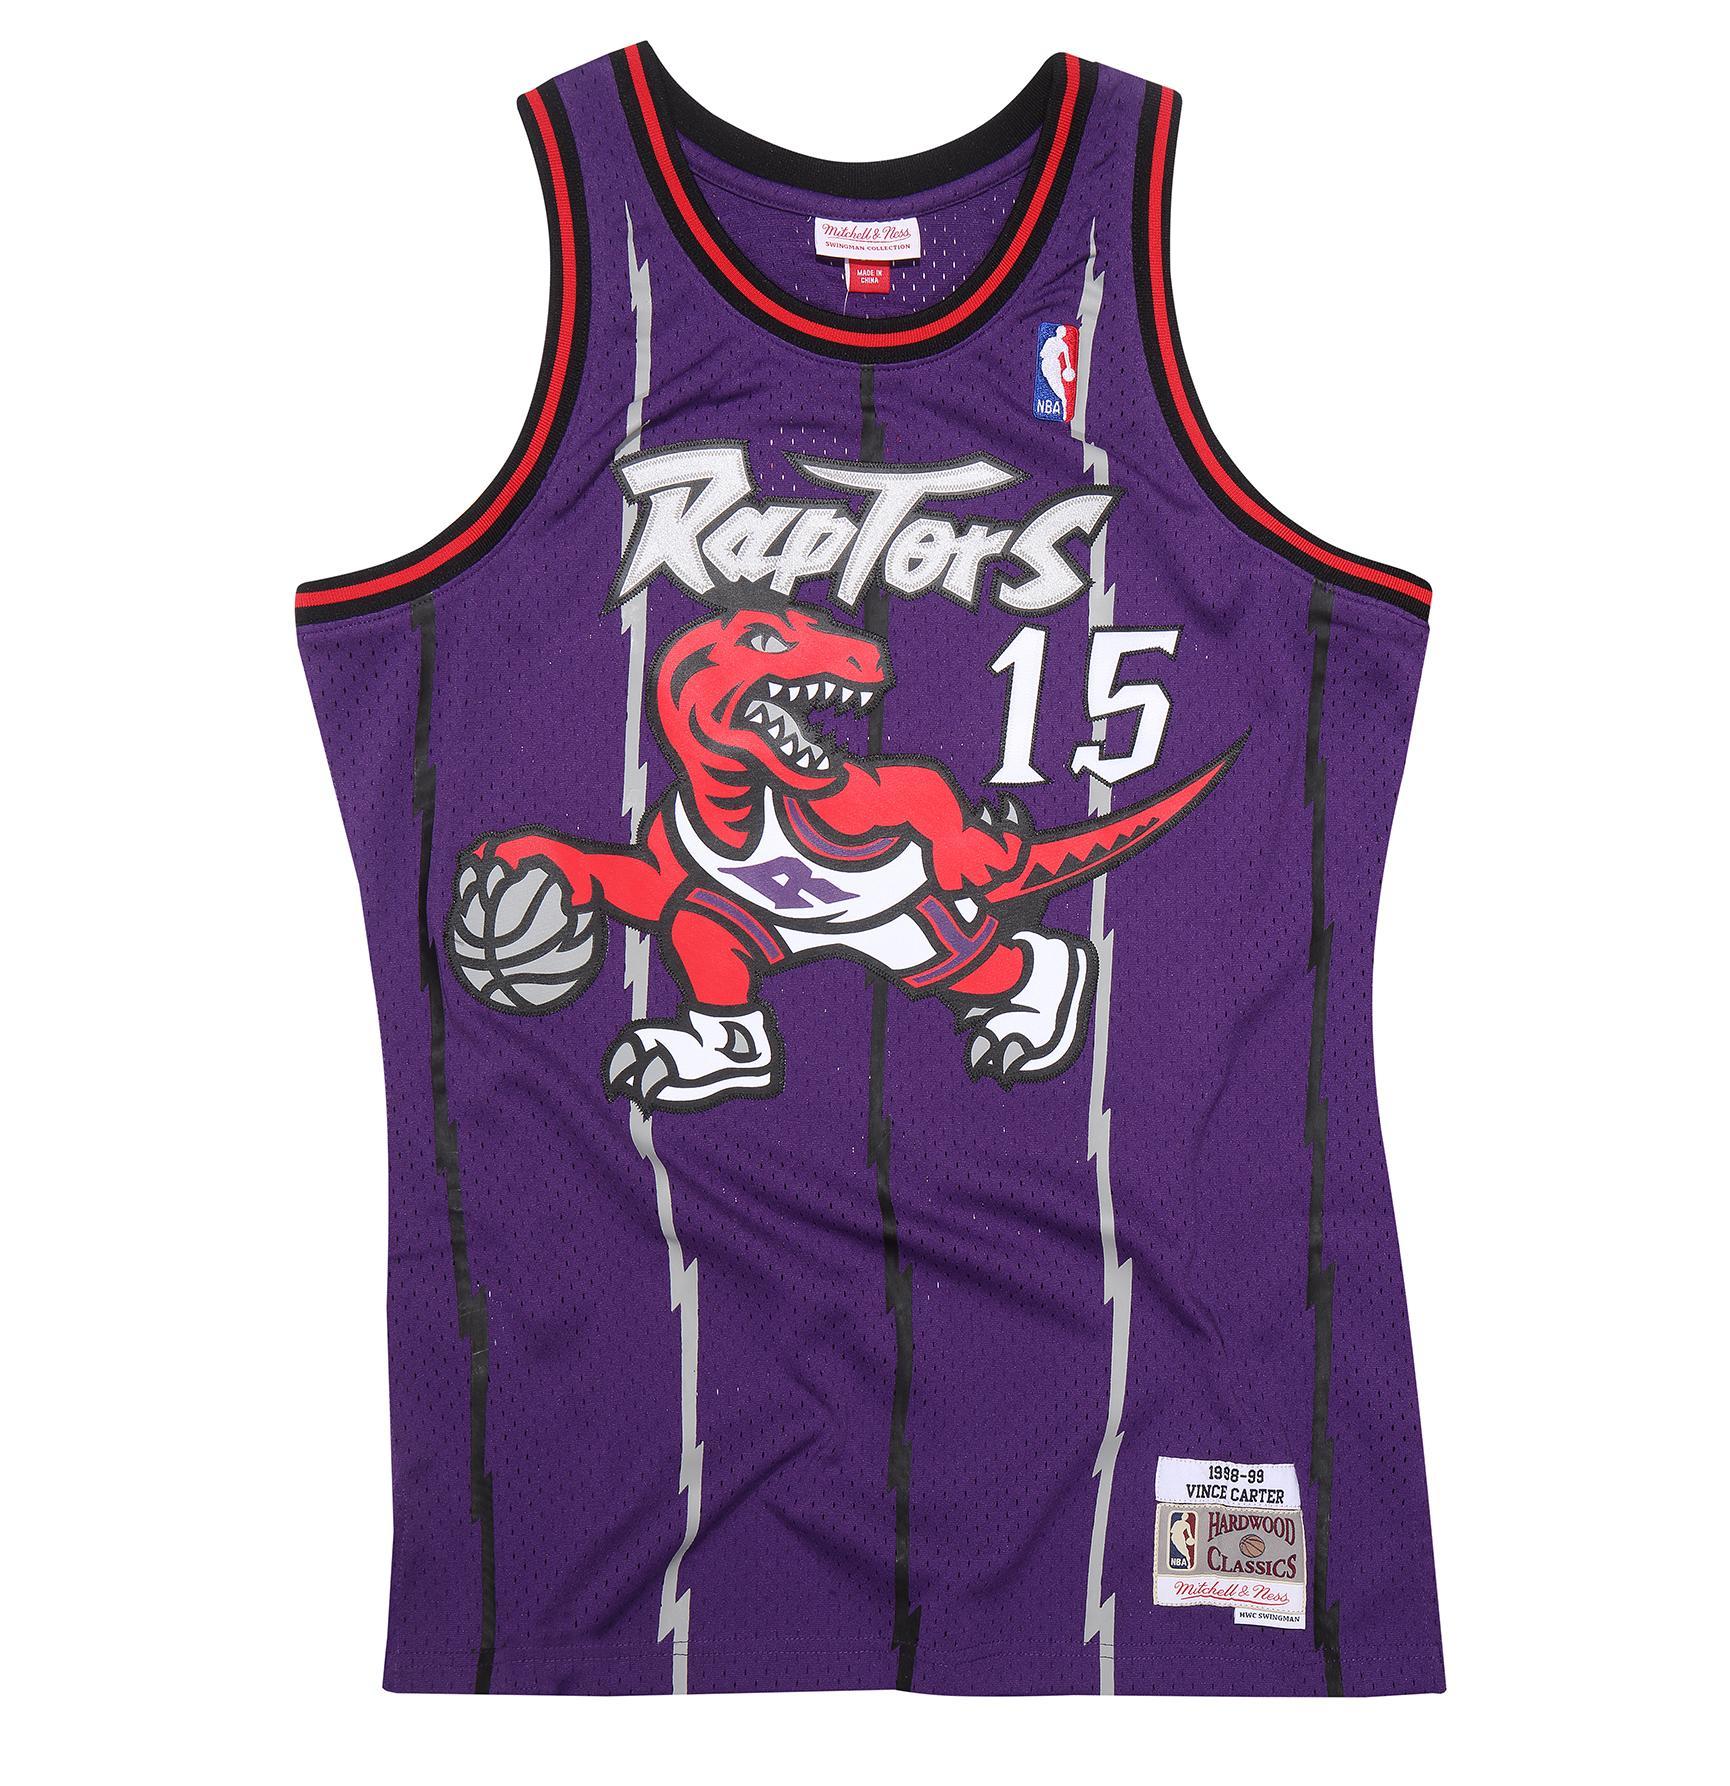 470887bc135 Vince Carter 1998-99 Road Swingman Jersey Toronto Raptors